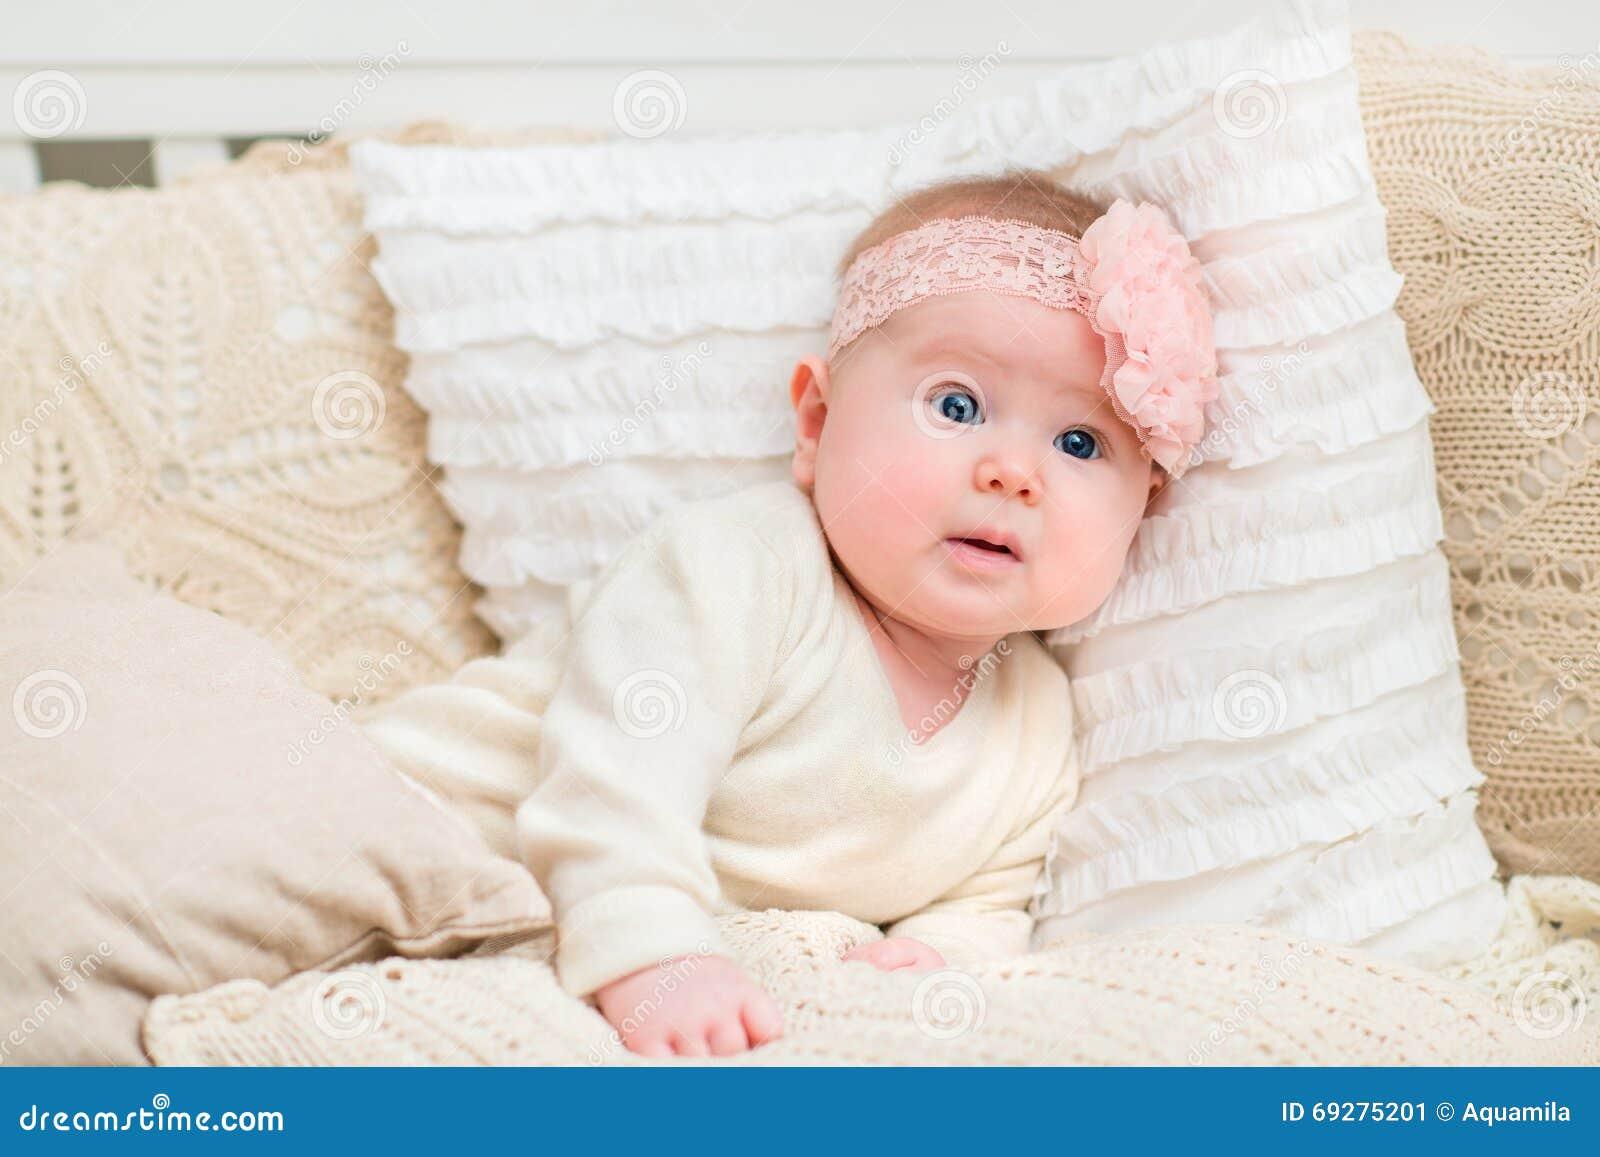 Έκπληκτο όμορφο κοριτσάκι με τα chubby μάγουλα και τα μεγάλα μπλε μάτια που φορούν τα άσπρα ενδύματα και ρόδινη ζώνη με το λουλού